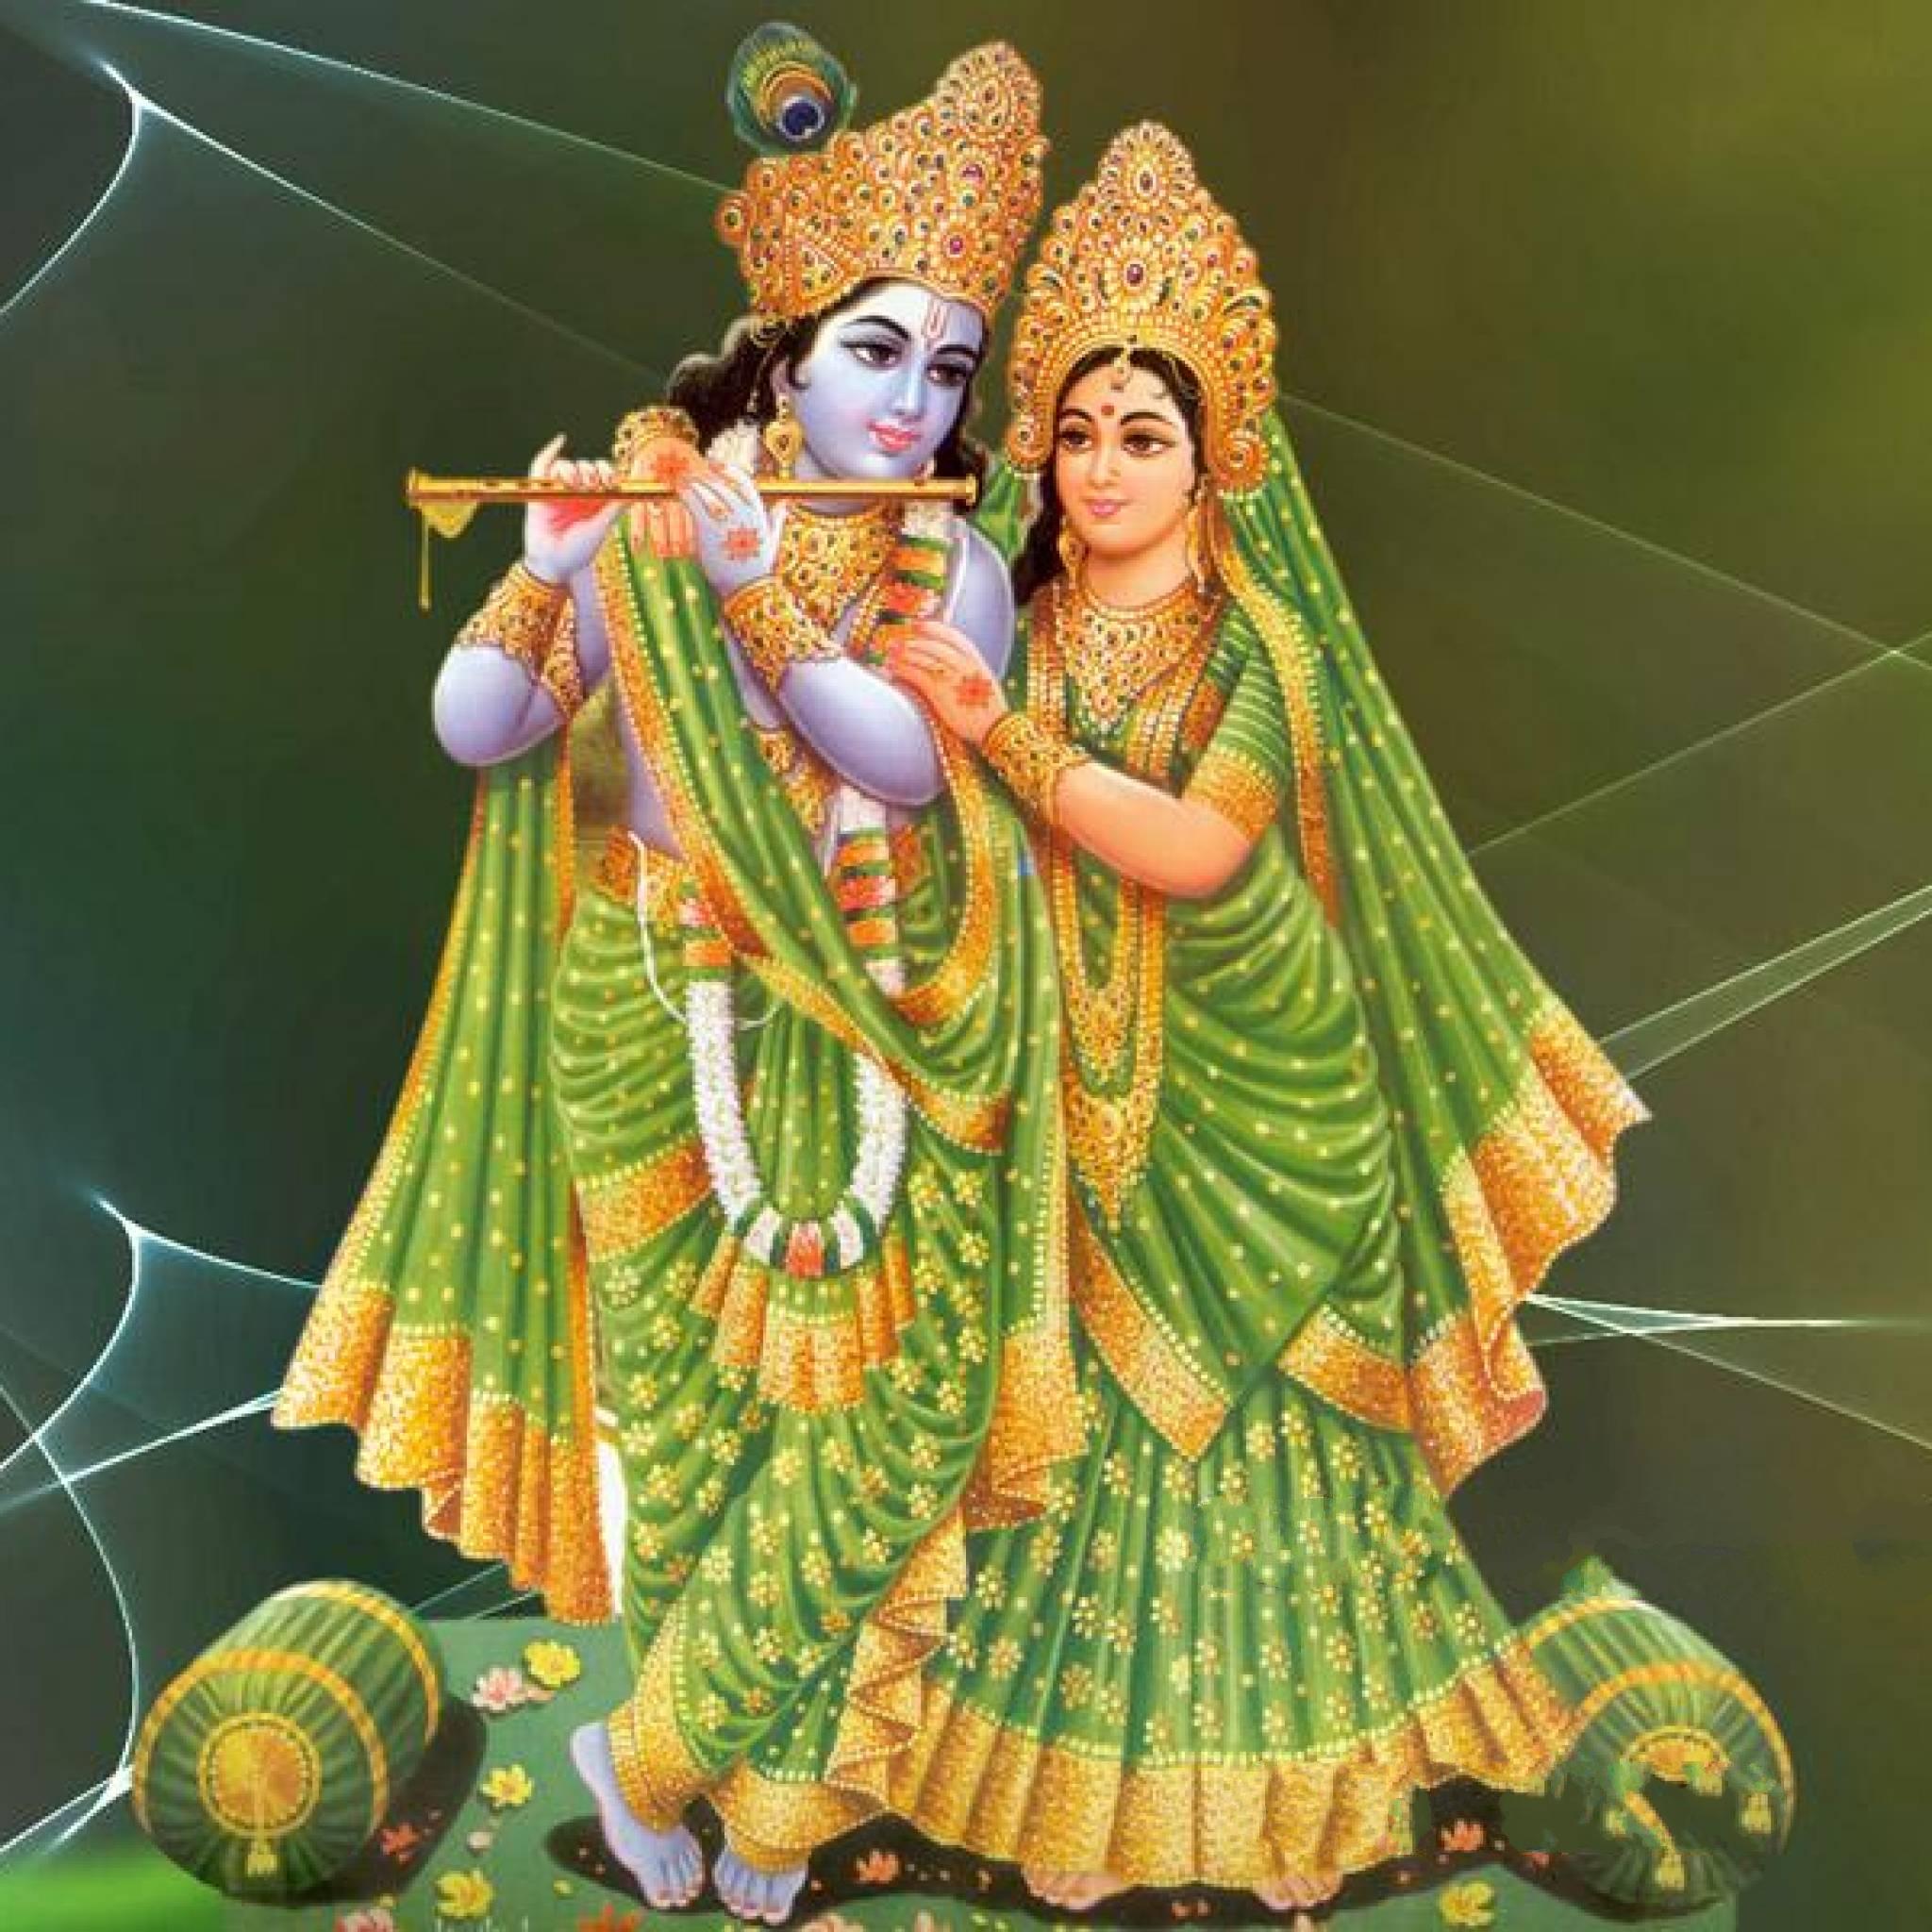 Radha Krishna Png Transparent Radha Krishna Png Images Pluspng